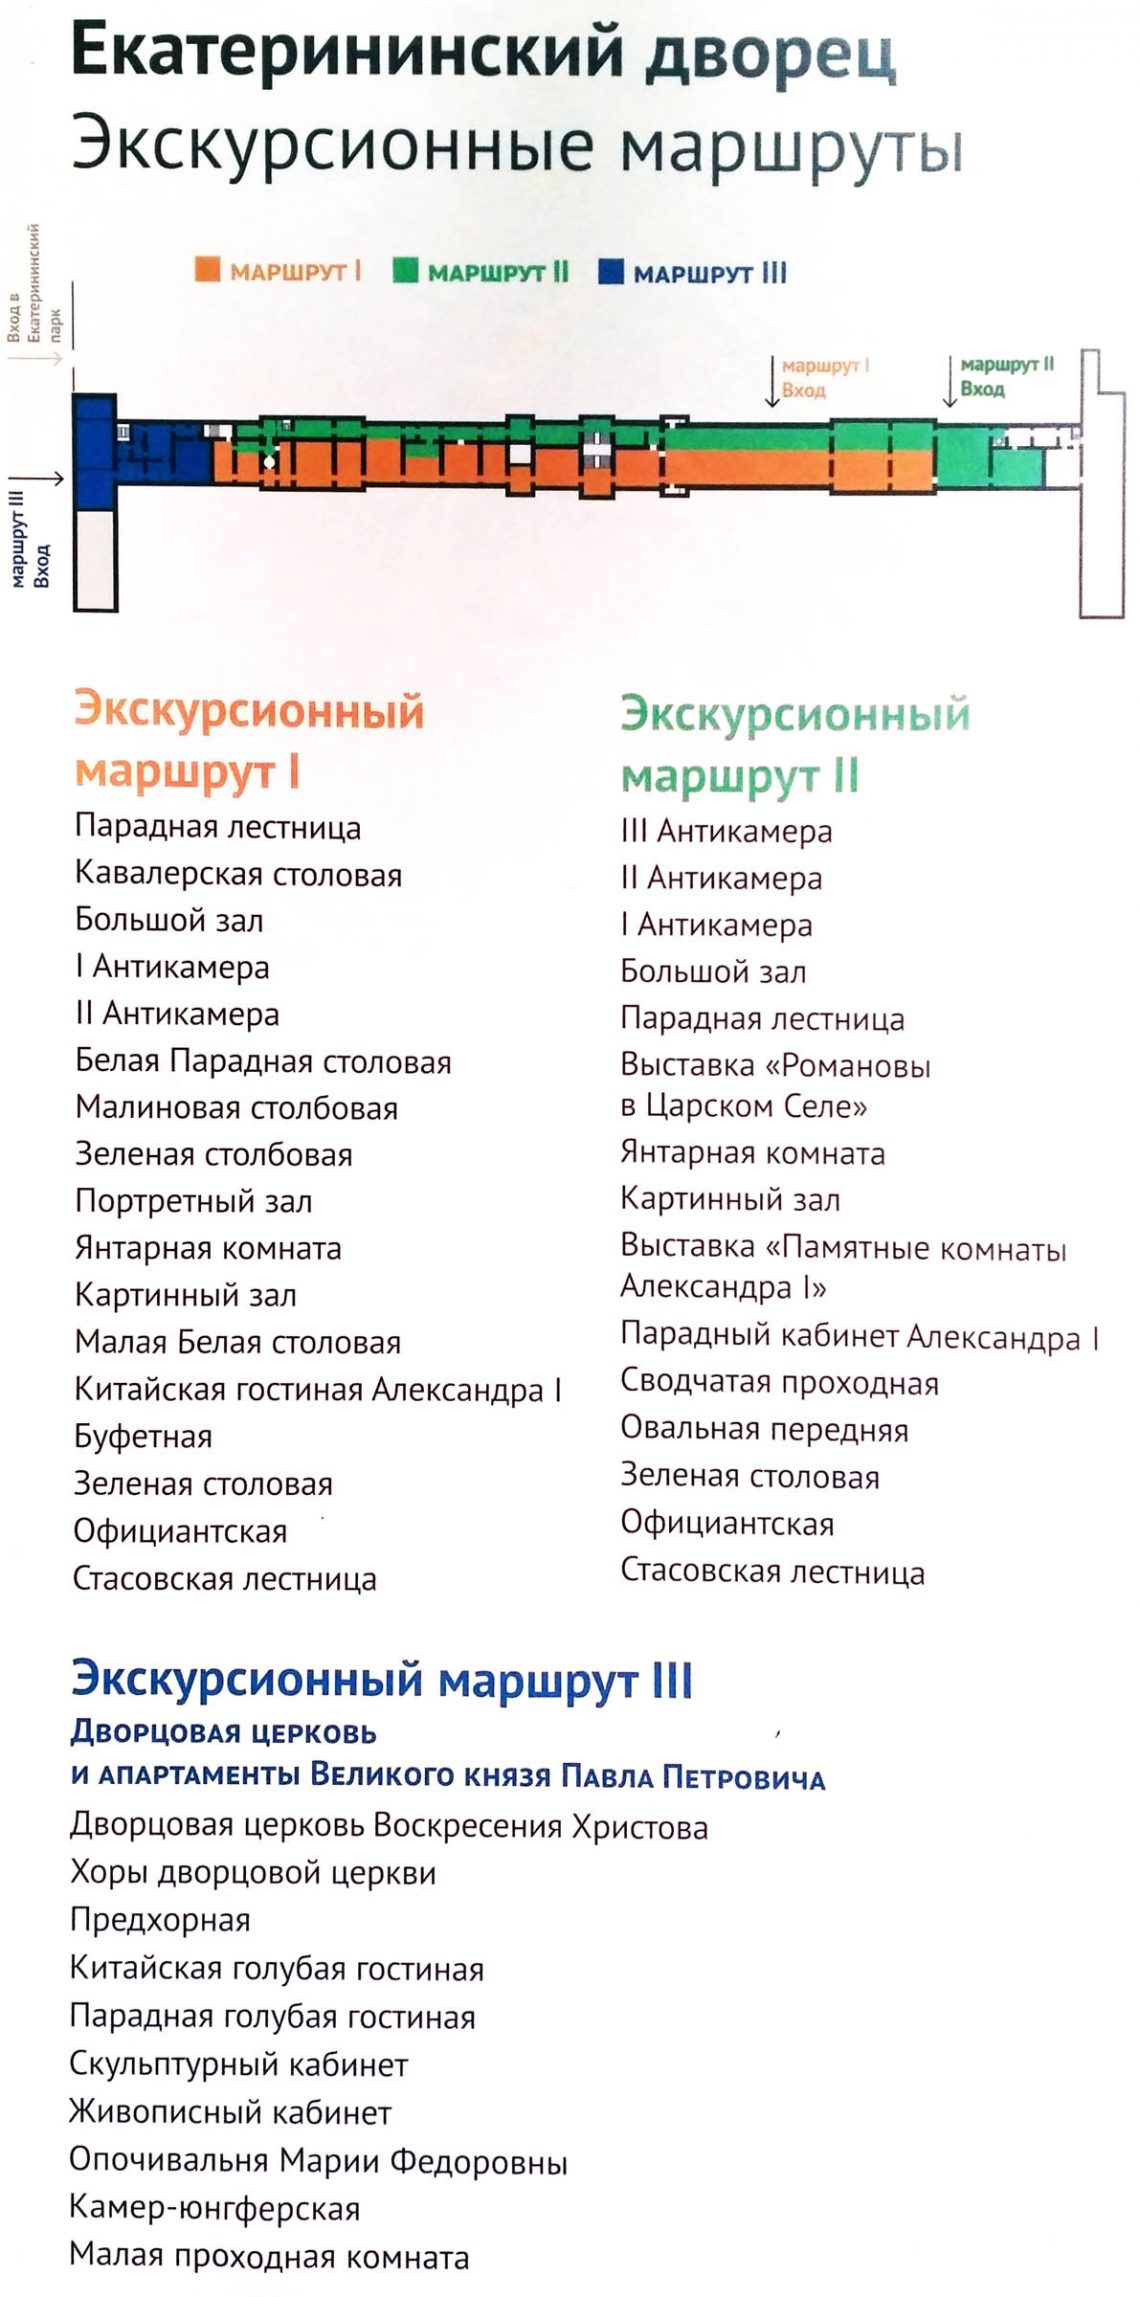 marshruty-ekaterininskiy-dvortc